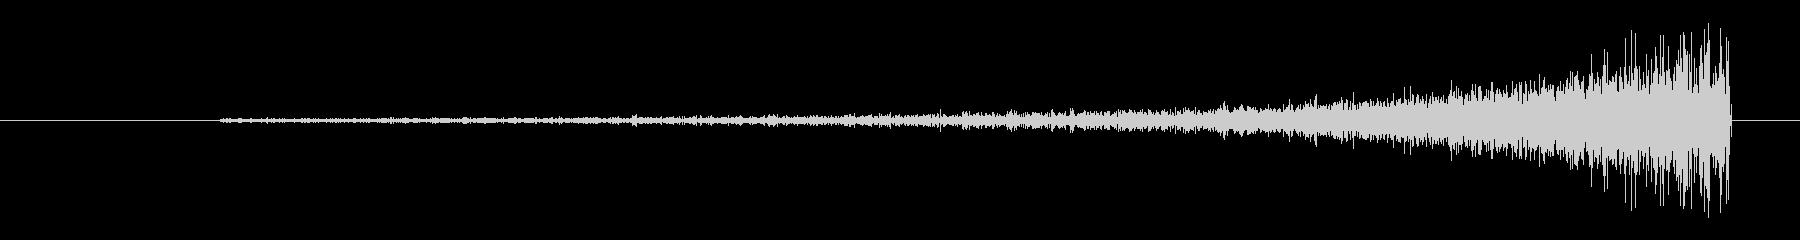 リバース ショートウィンド01の未再生の波形